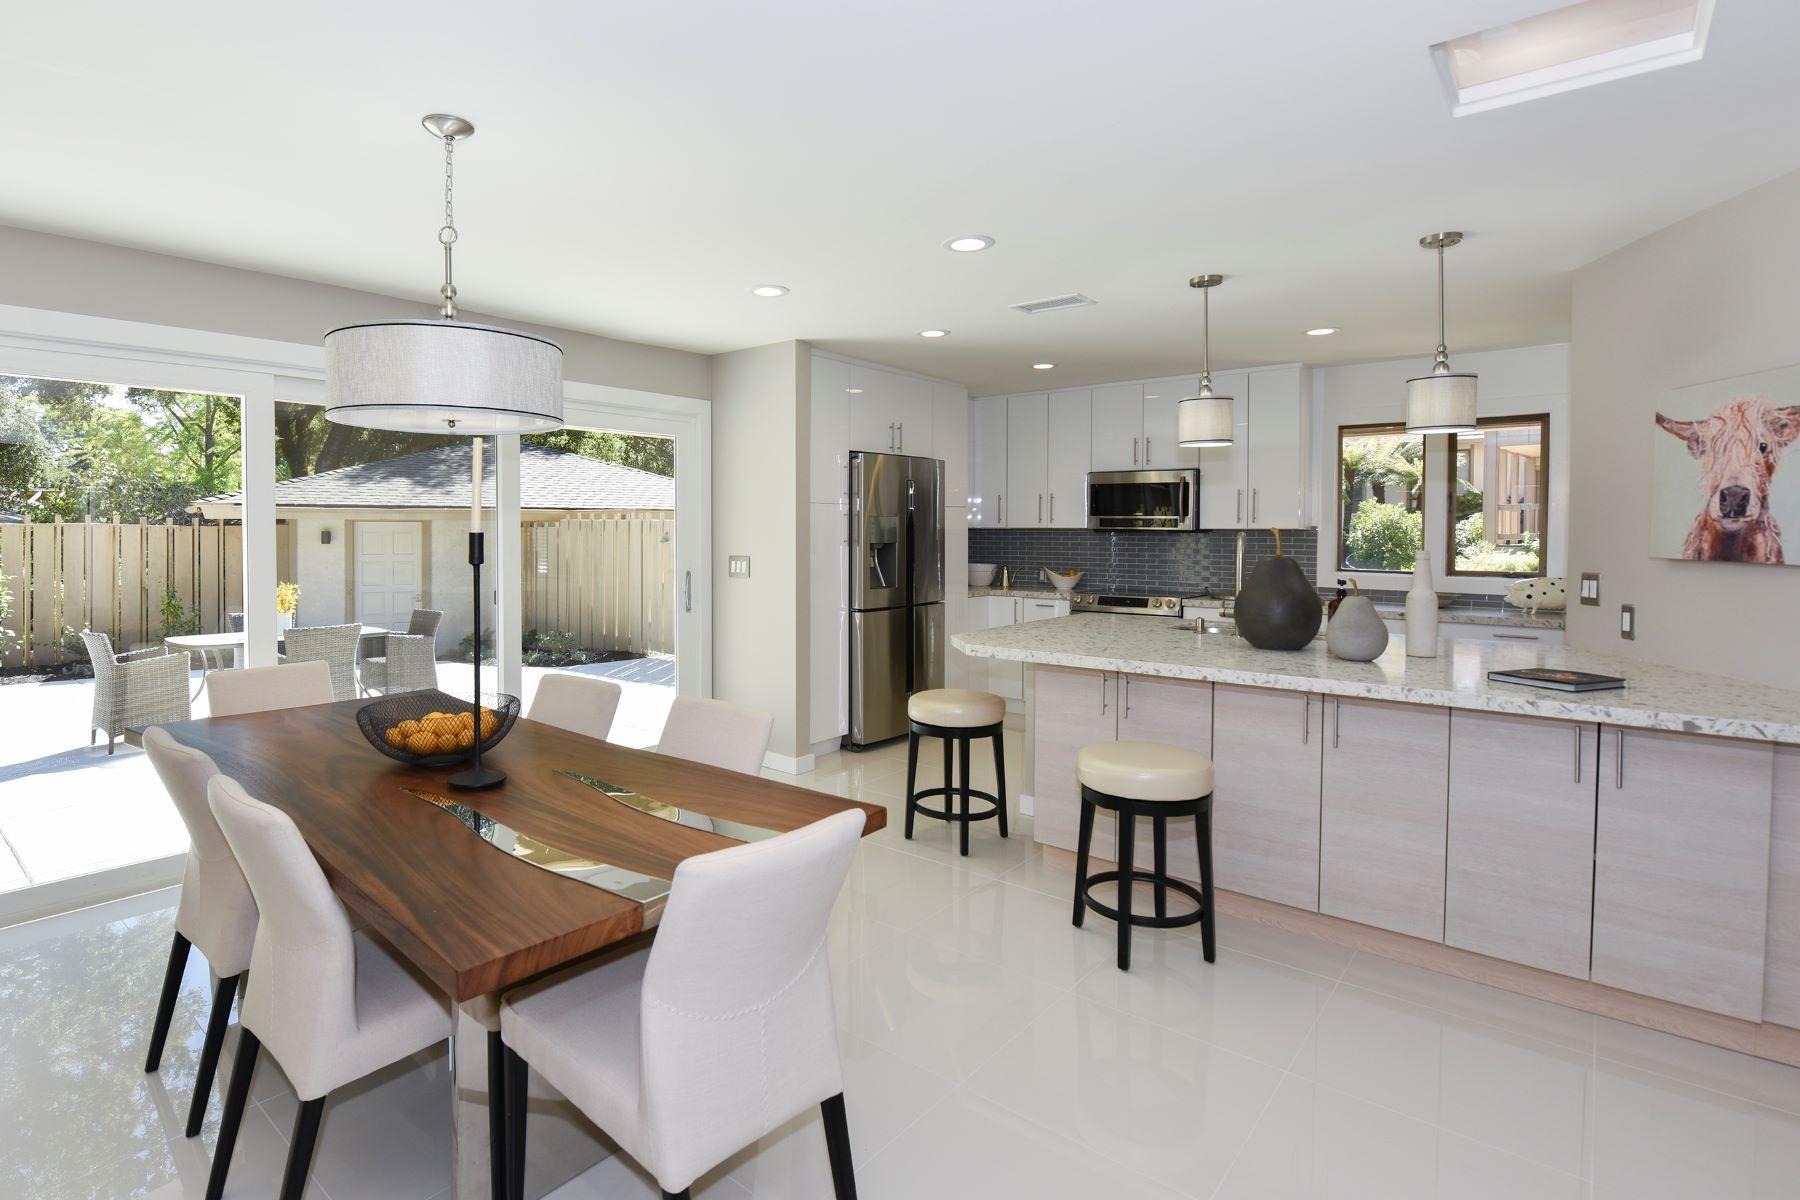 Condominium for Sale at Contemporary Style in Silverado Country Club 142 Milliken Creek Drive Napa, California 94558 United States